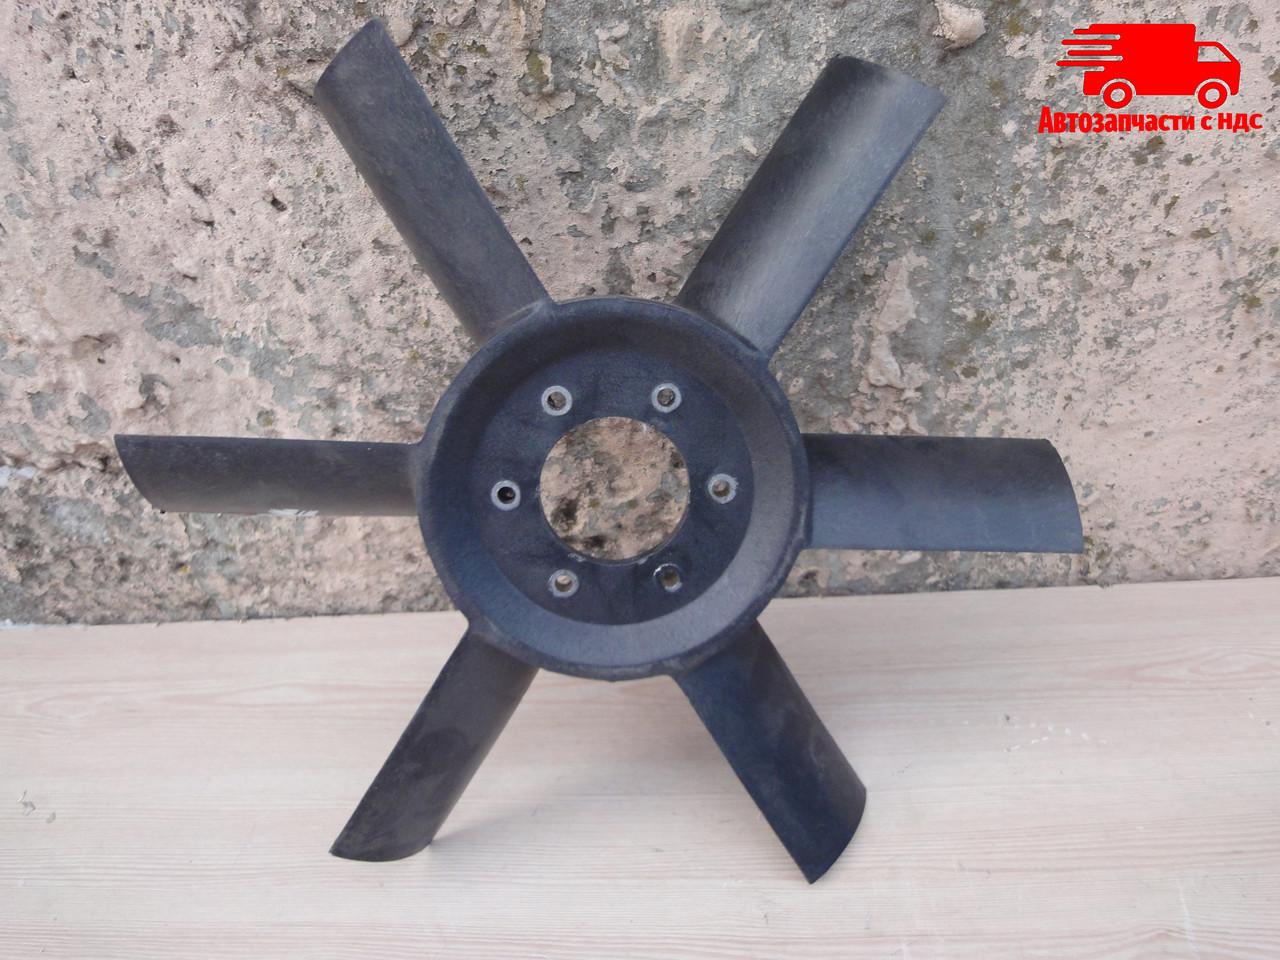 Вентилятор системы охлаждения МТЗ 80, 82 двигатель Д 243, 245 (пр-во Россия). Ціна з ПДВ